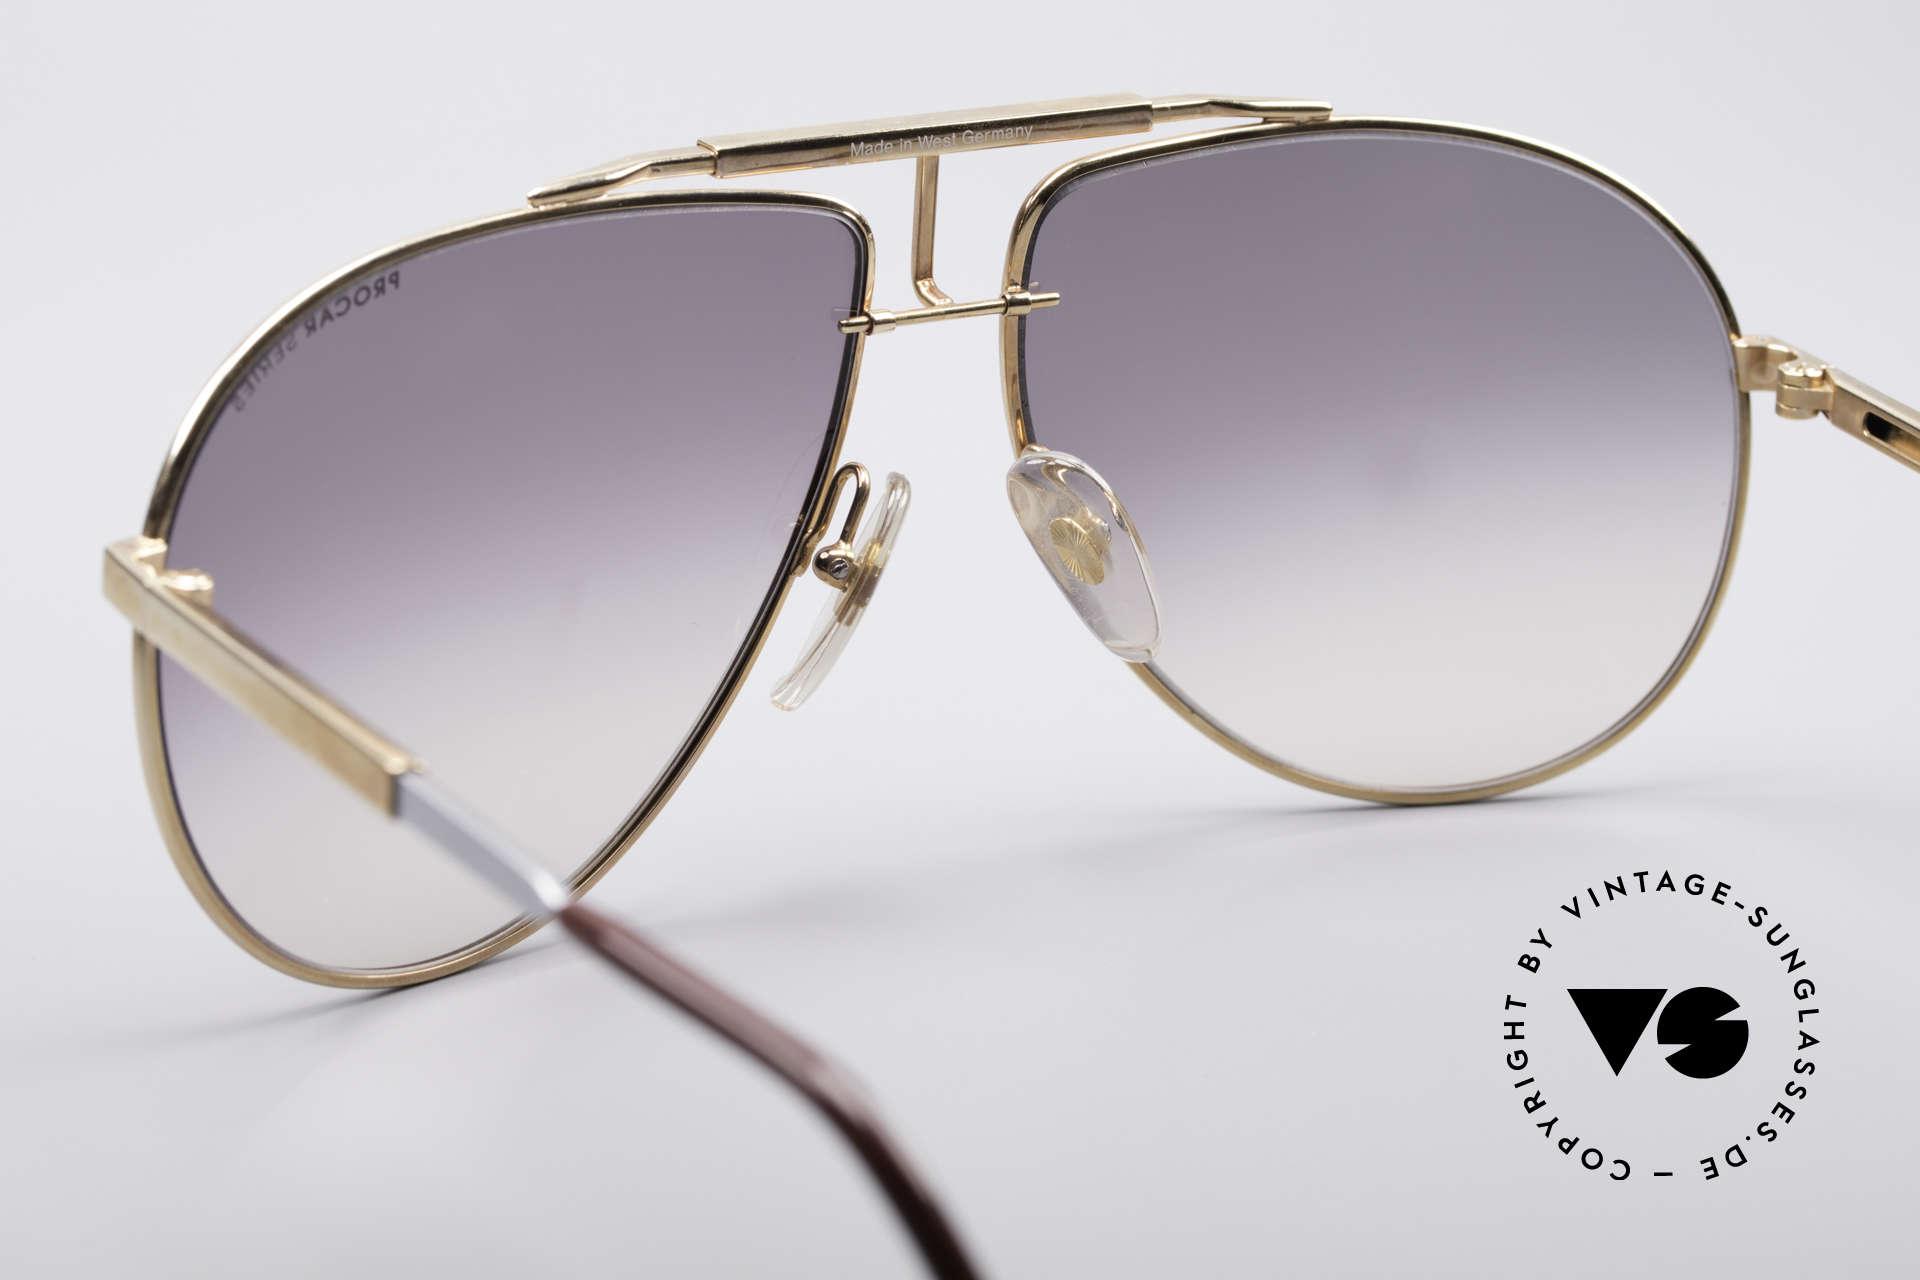 Alpina PC701 Verstellbare Brillenfassung, enorm hochwertig und selten; eine echte Rarität, Passend für Herren